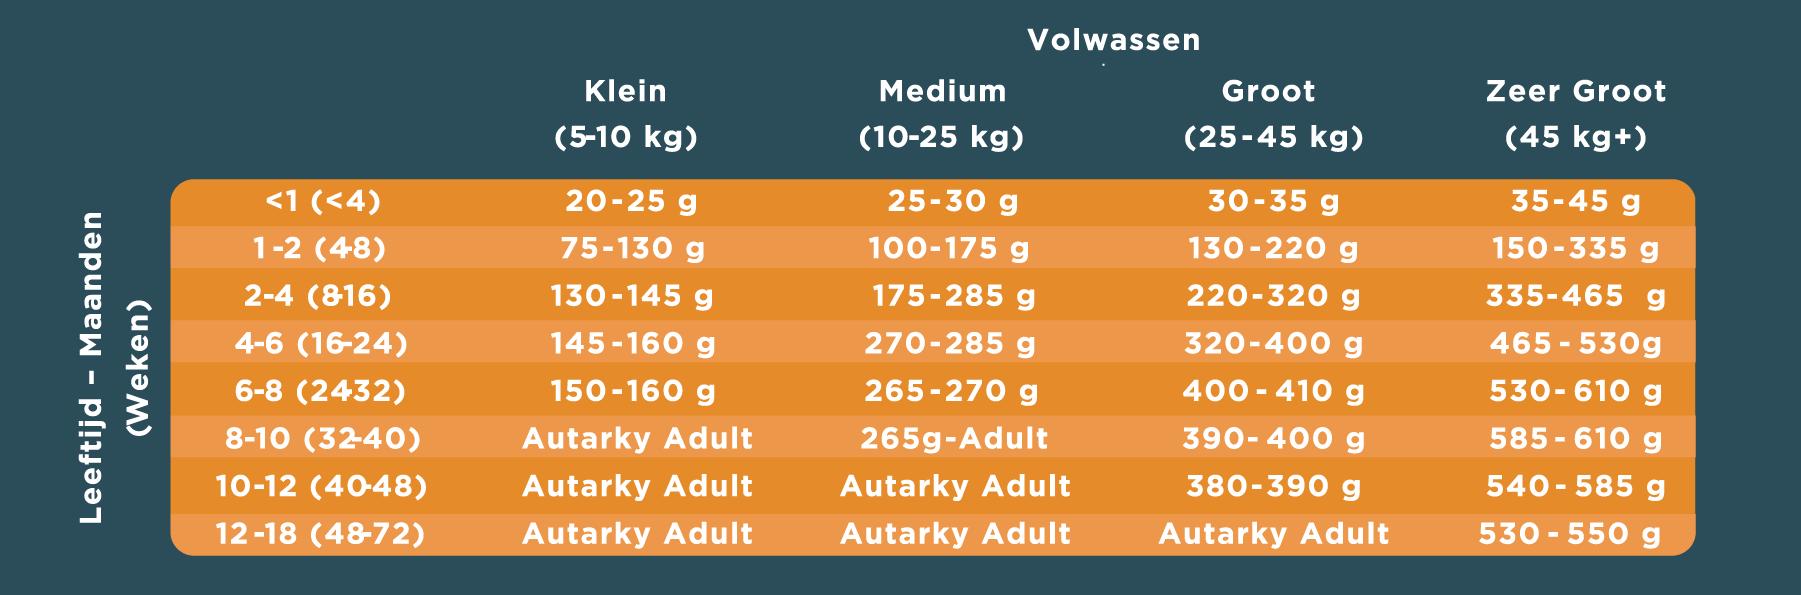 Autarky voedingsbehoefte op basis van gewicht en leeftijd